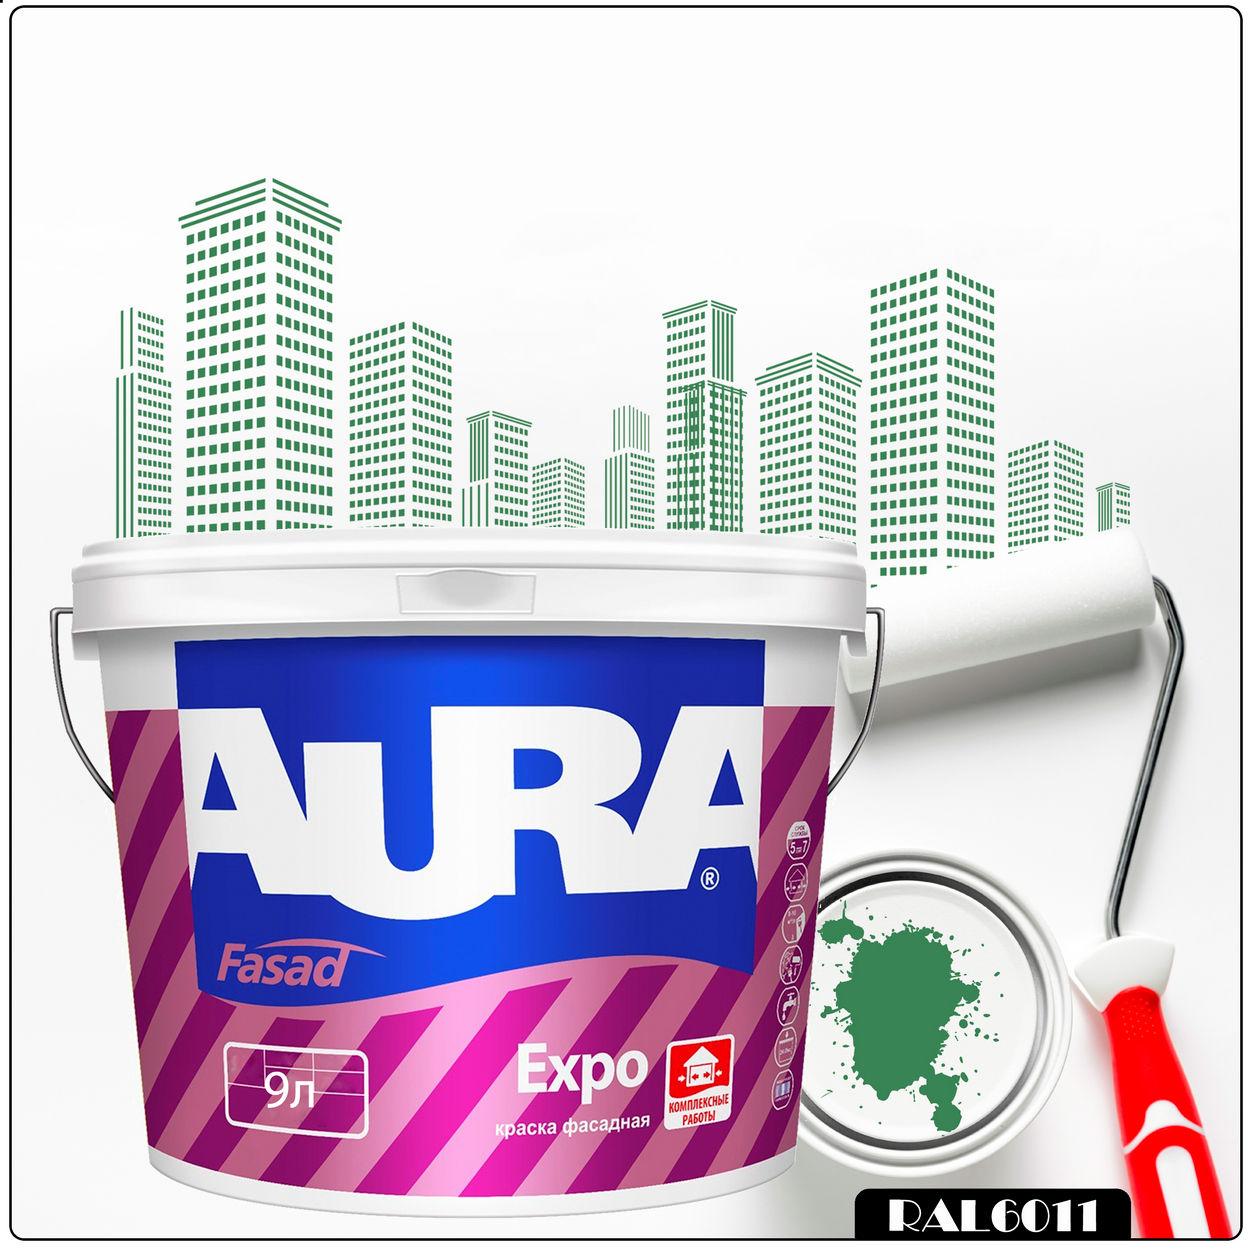 Фото 12 - Краска Aura Fasad Expo, RAL 6011 Зеленая-резеда, матовая, для фасадов и помещений с повышенной влажностью, 9л.